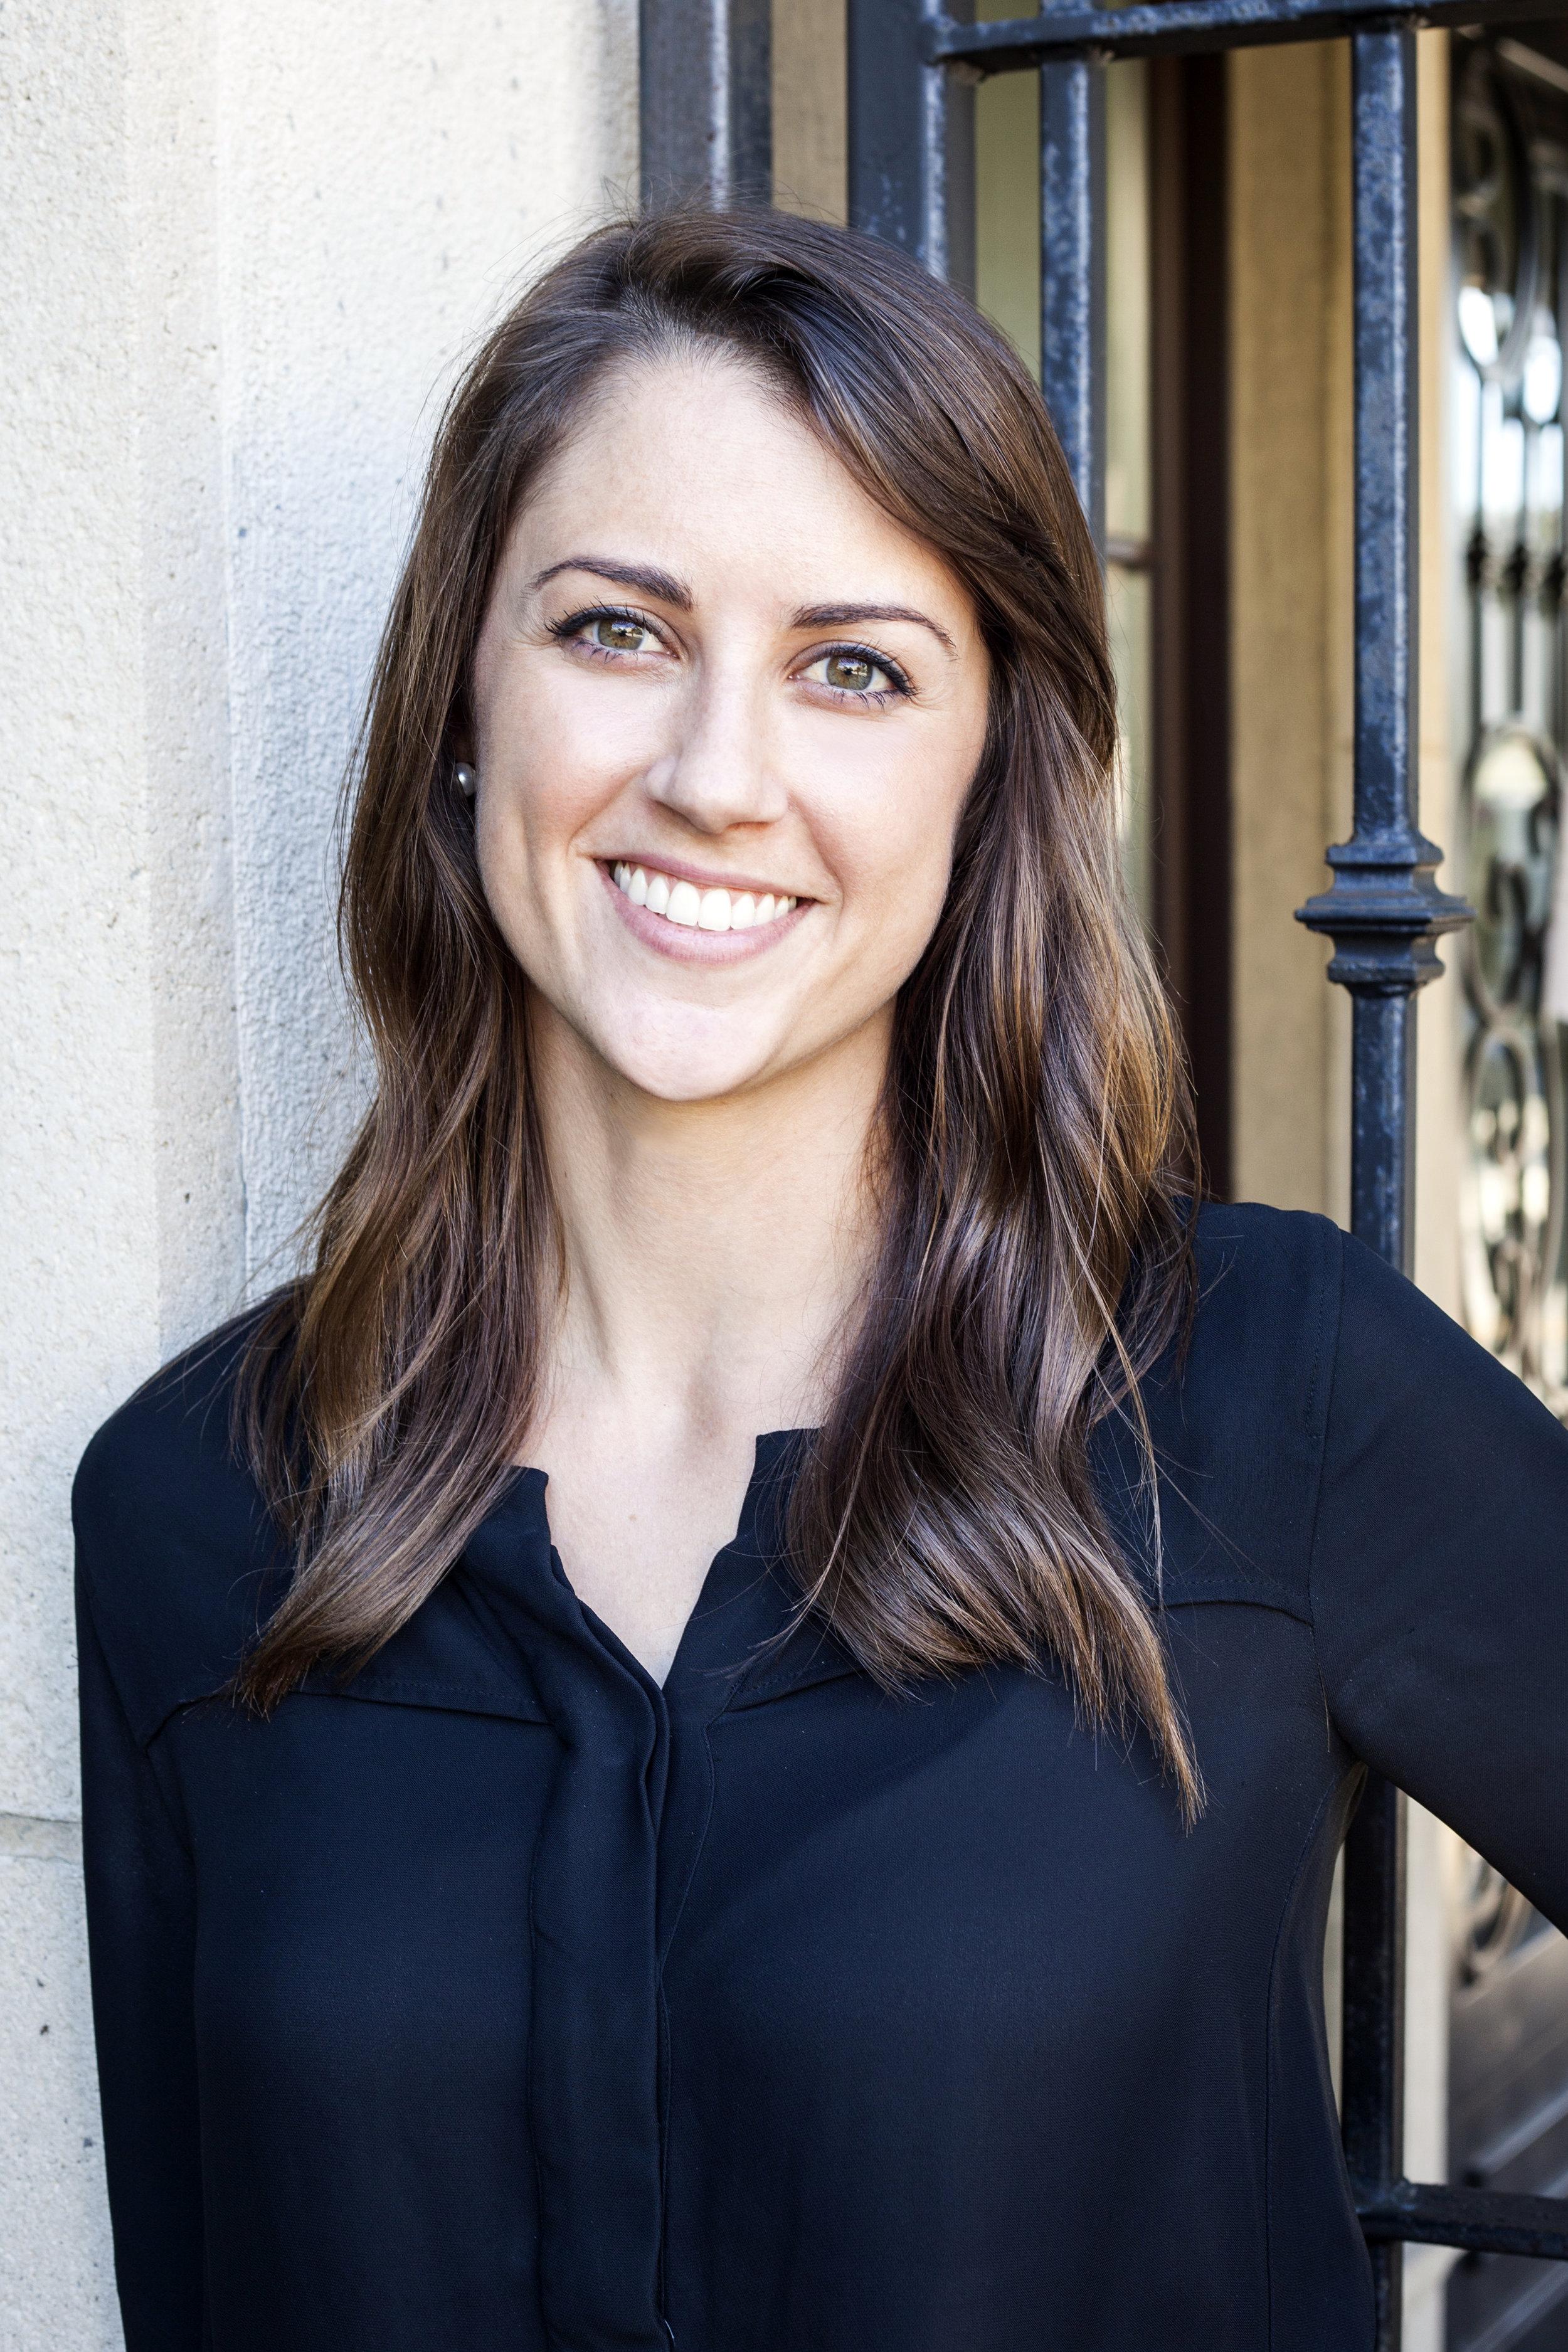 Erin-Weinberg-Marketing-Manager